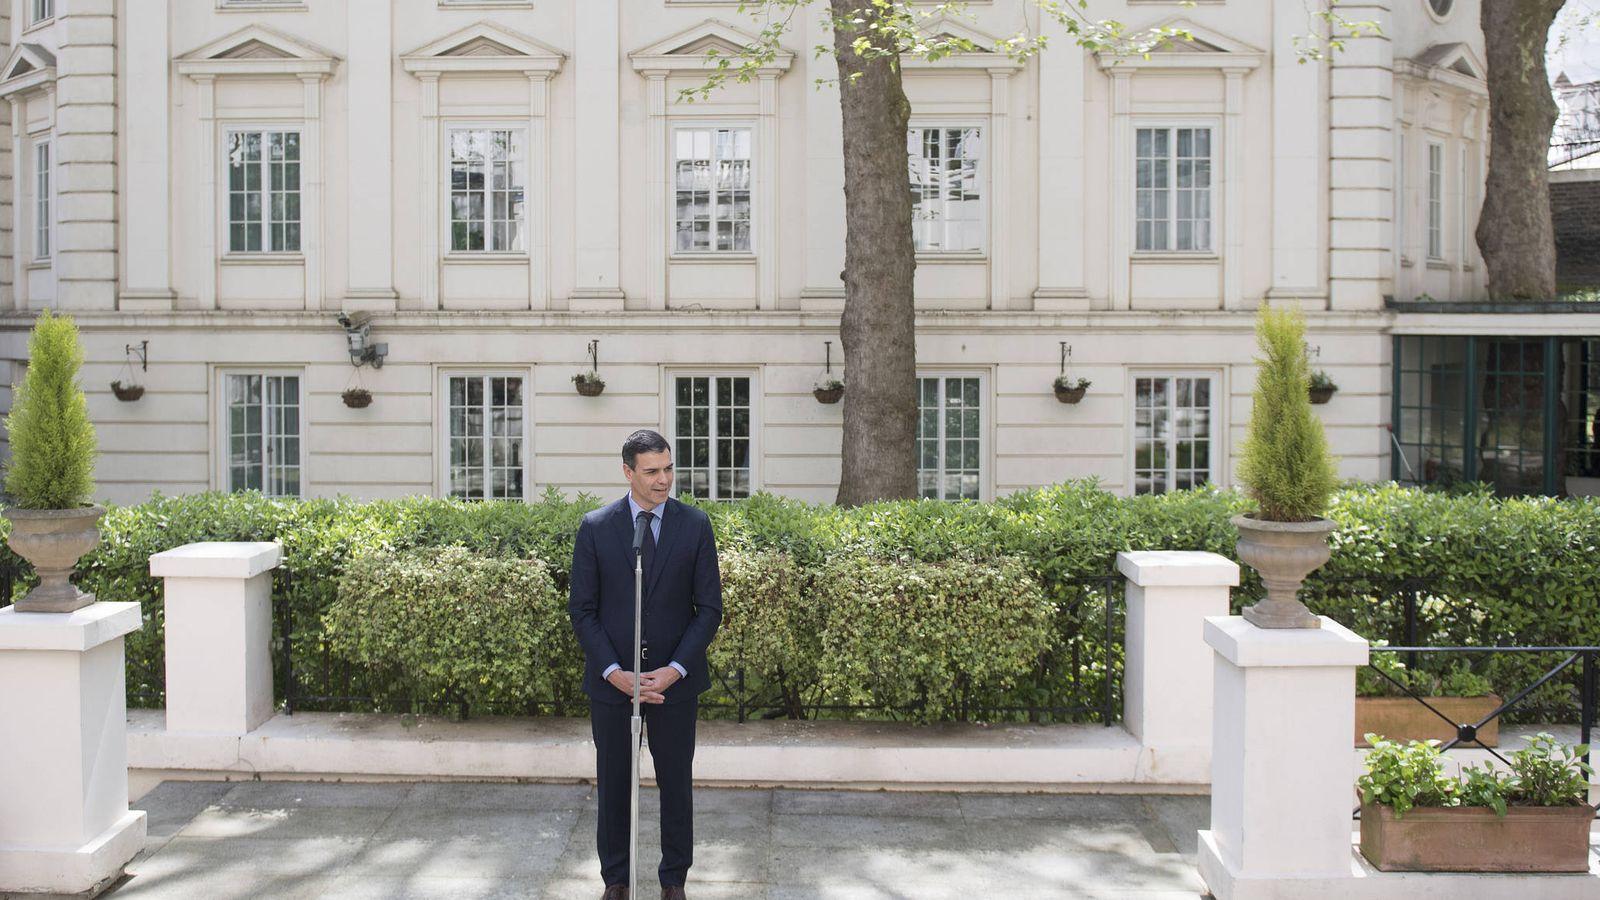 Foto: Pedro Sánchez, durante sus declaraciones a los medios en la embajada española en Londres, este 4 de mayo. (Borja Puig | PSOE)